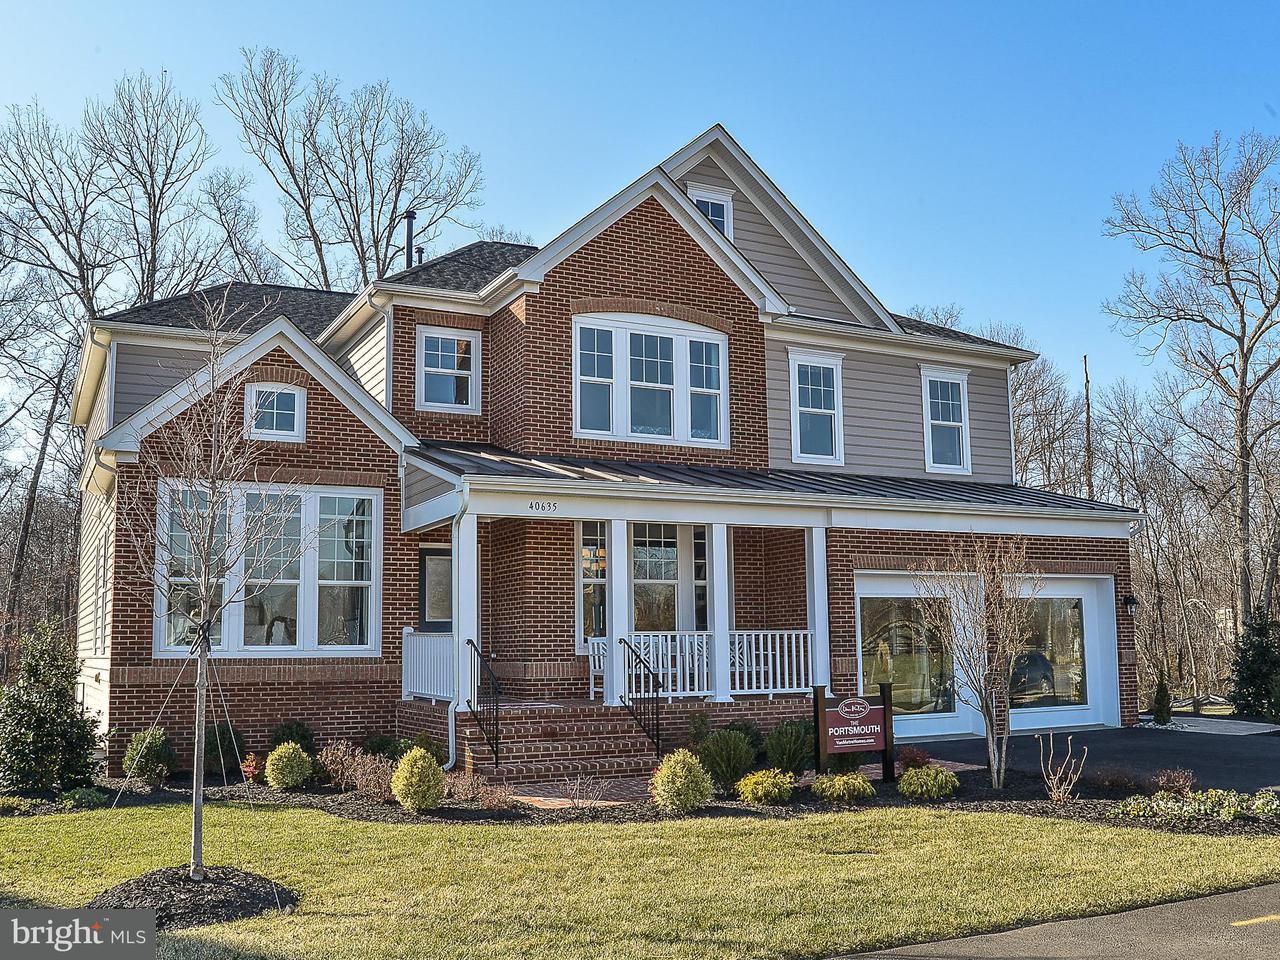 단독 가정 주택 용 매매 에 42302 STONEMONT CIR E 42302 STONEMONT CIR E Brambleton, 버지니아 20148 미국